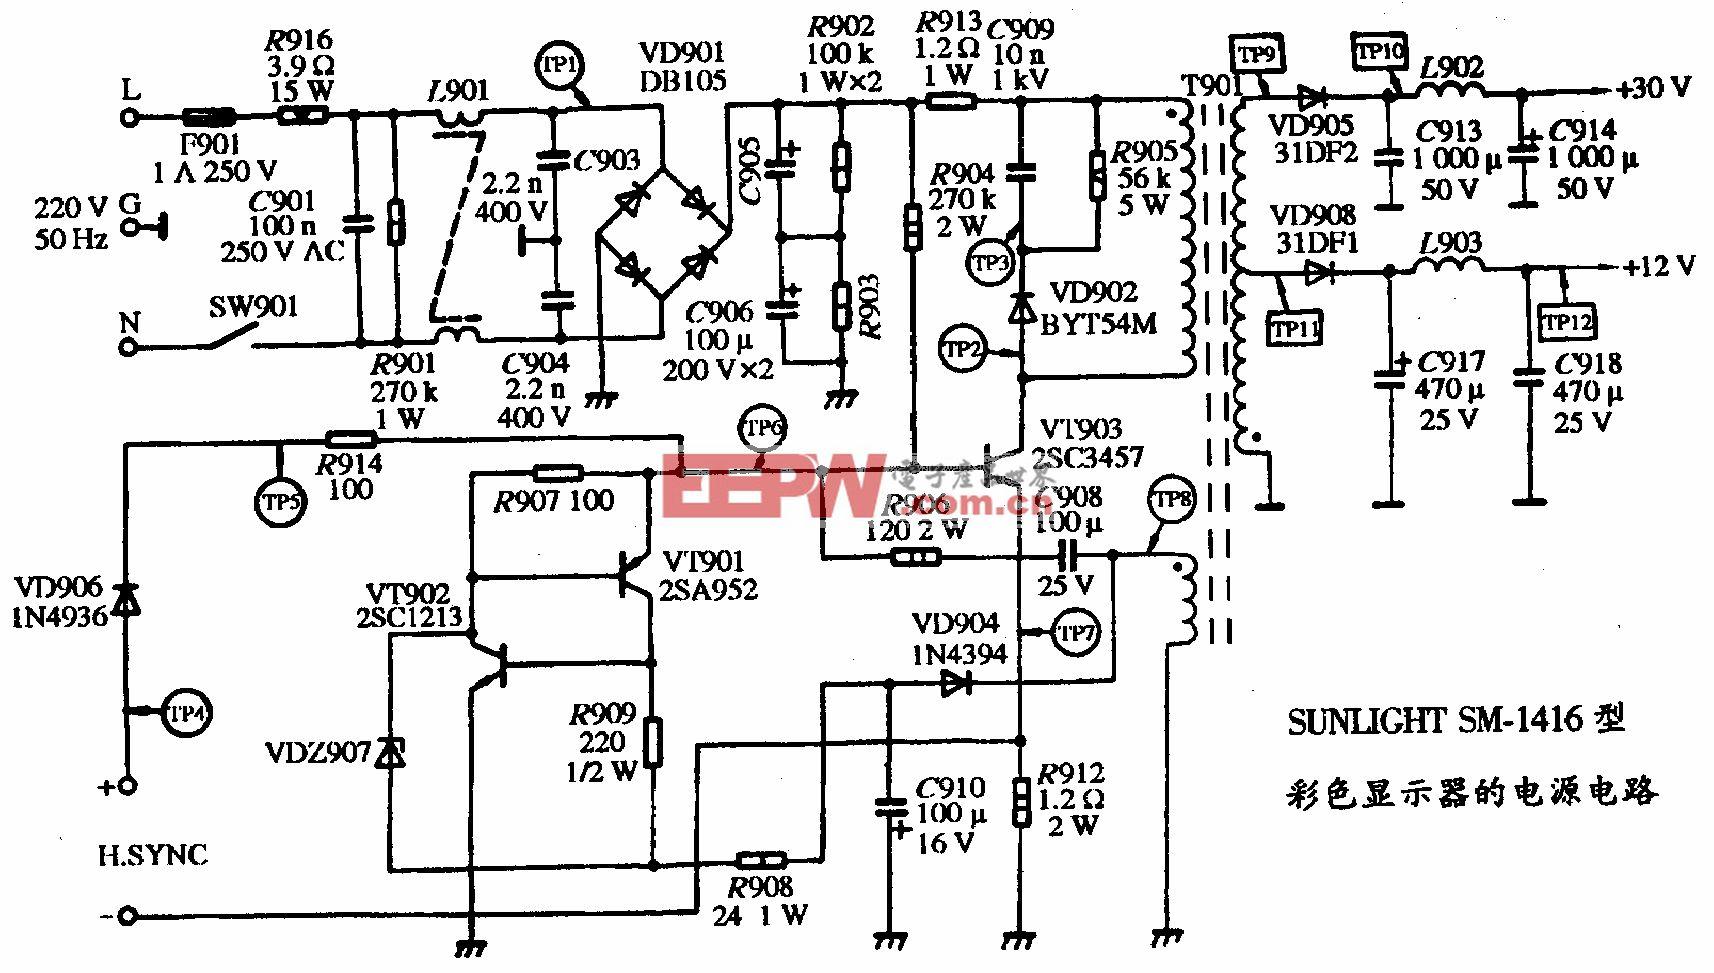 SUNLIHT SM-1416型彩色显示器的电源电路图